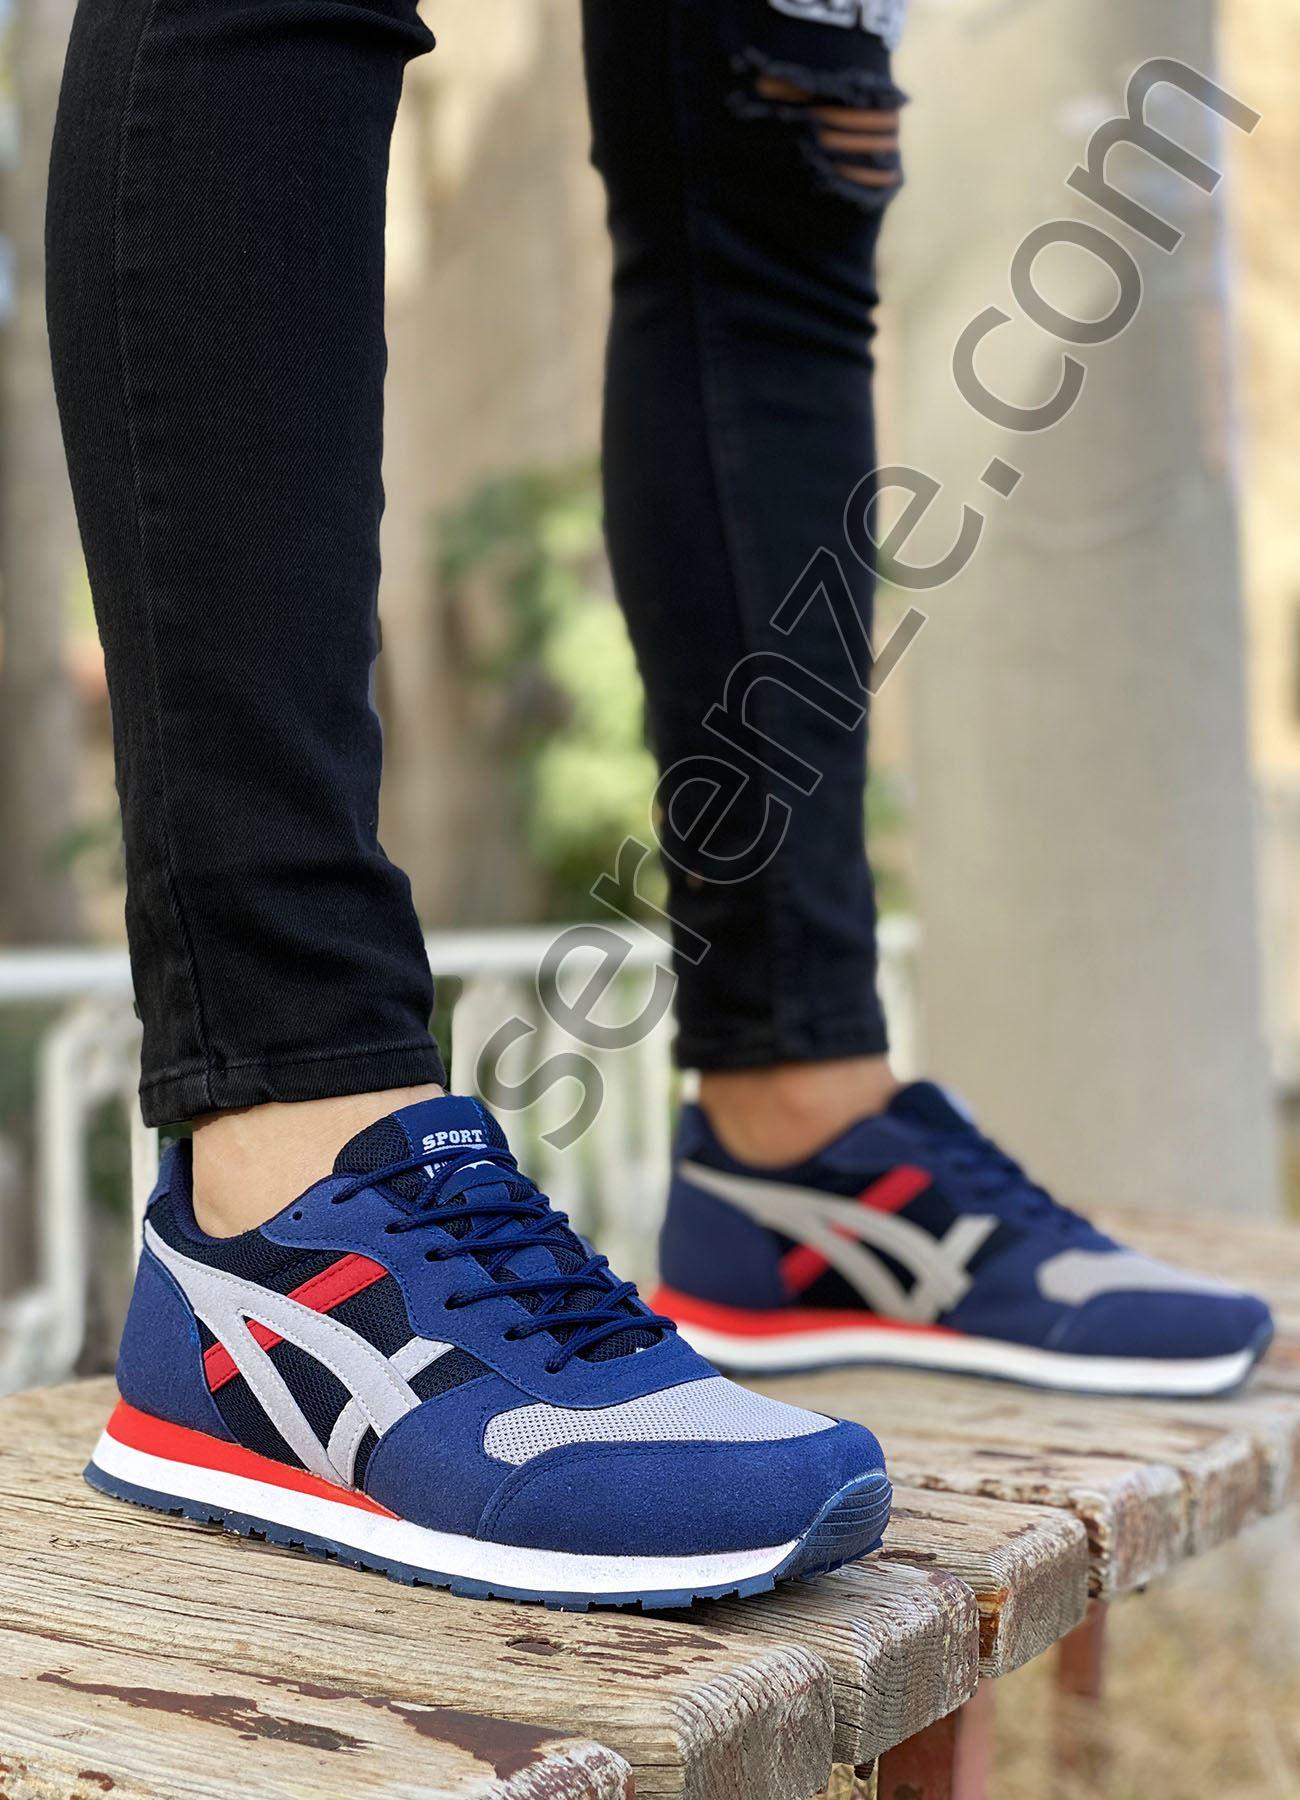 Mavi Gri Çizgi Detay Erkek Spor Ayakkabı